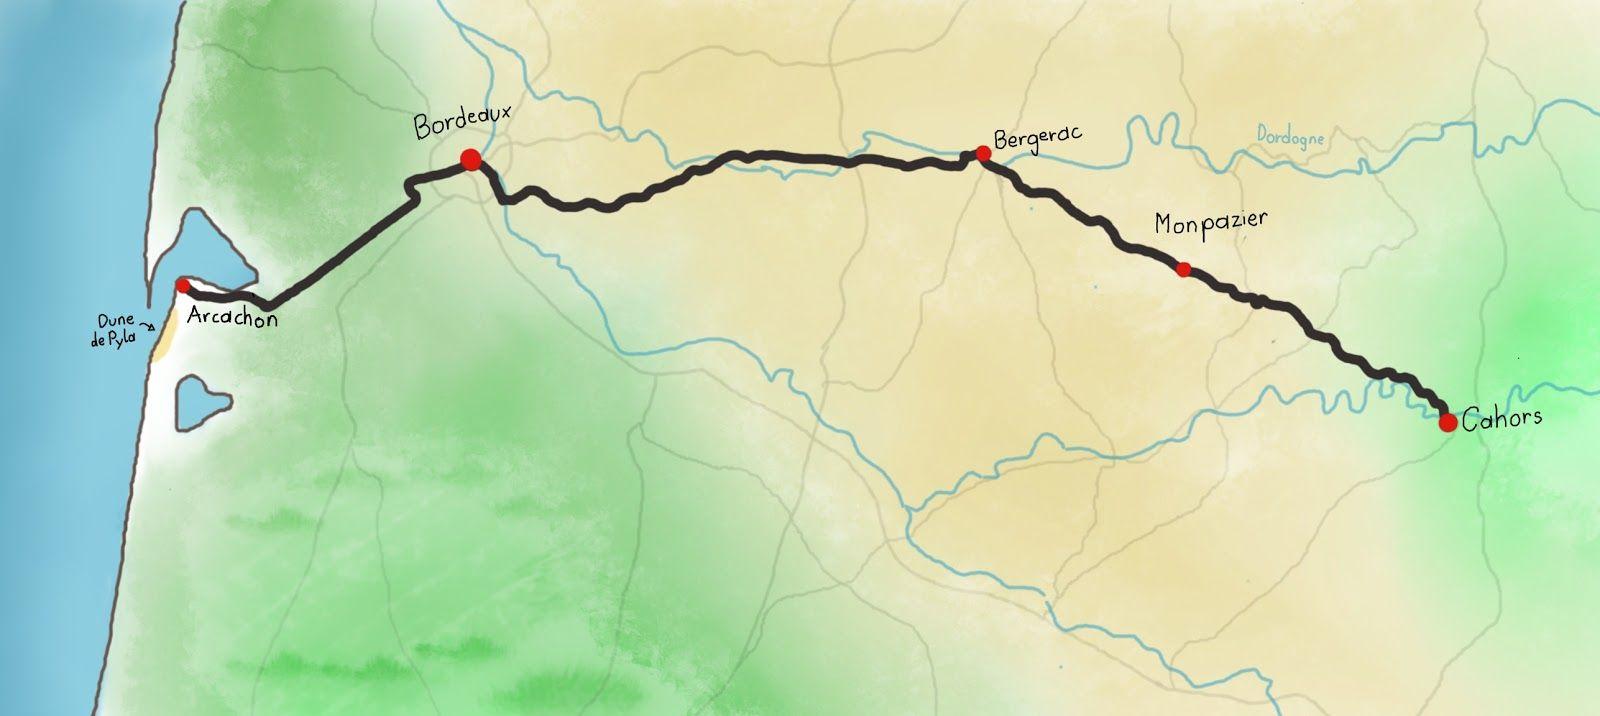 Vom Perigord Nach Arcachon Und Bordeaux Reisen Bordeaux Ausflug